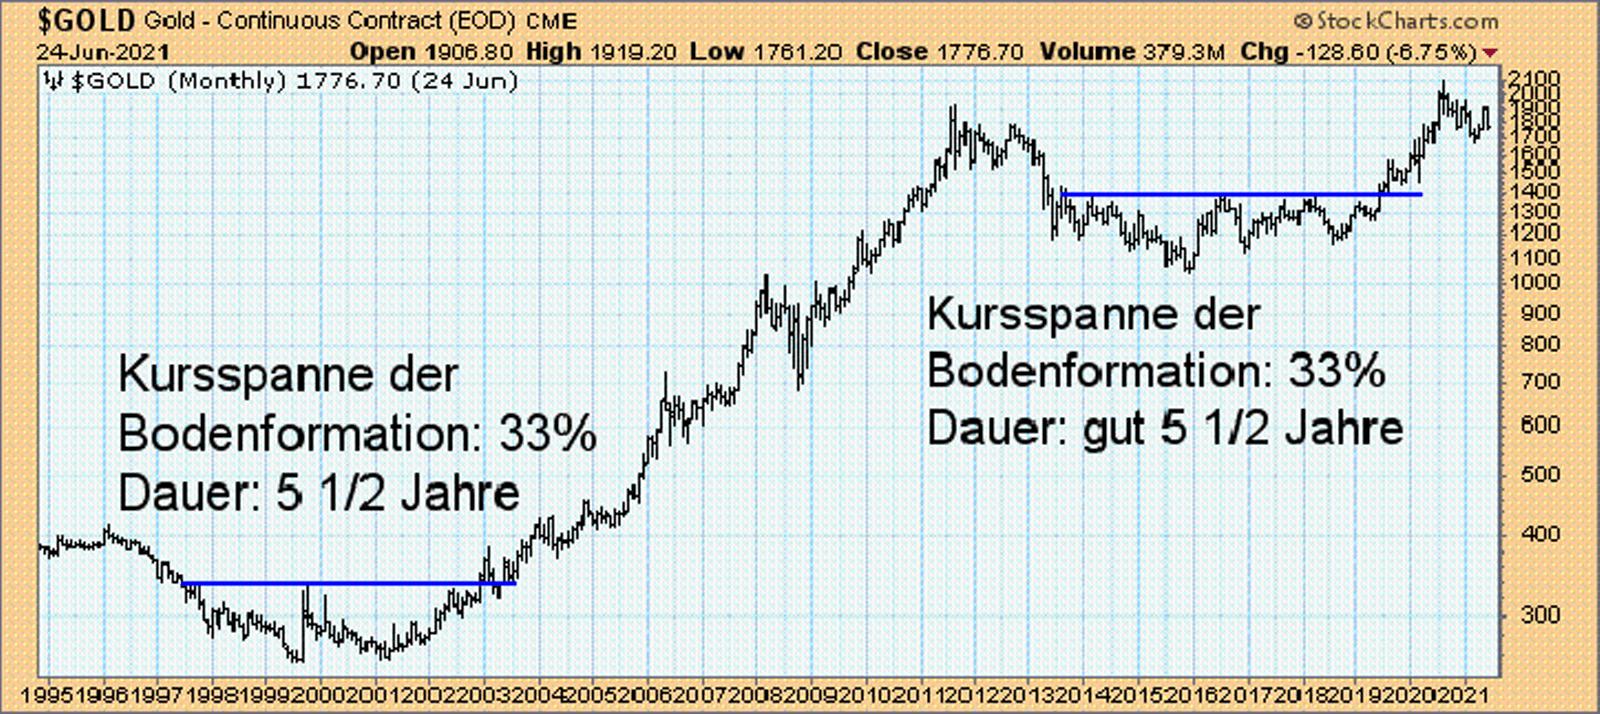 Goldpreis in $ pro Unze, Monatschart, 1995 bis 2021